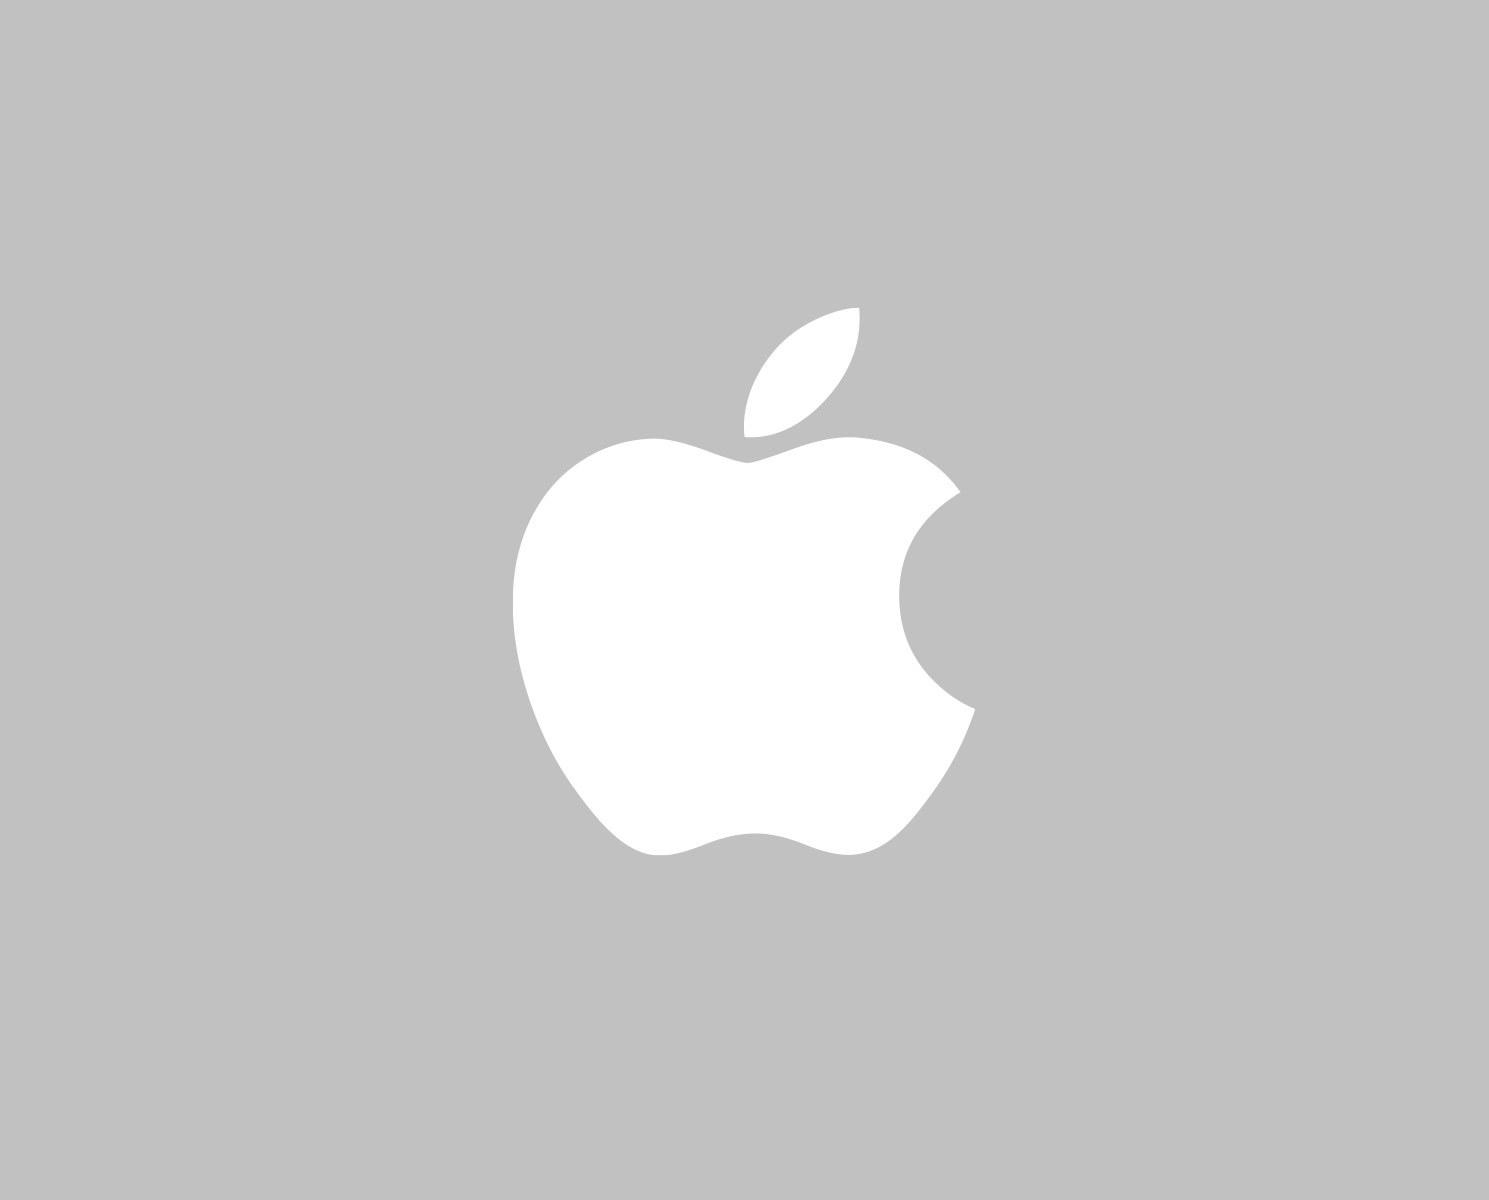 Apple Logo Brand Design